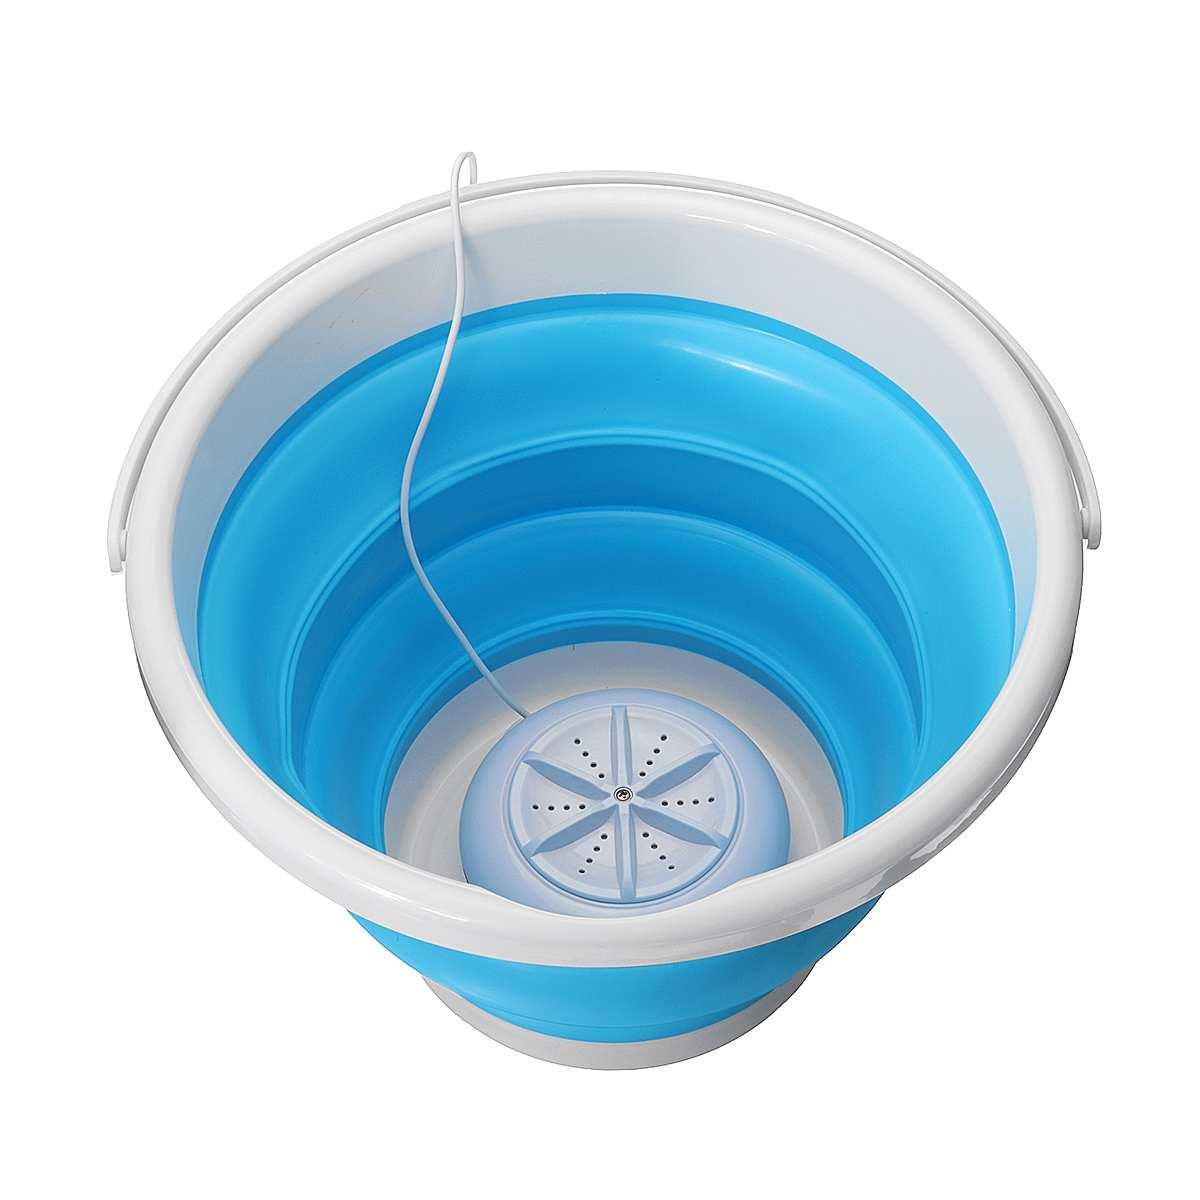 Ультразвуковая турбо Автоматическая Электрическая роликовая мини стиральная машина портативная быстрая очистка моющий инструмент для путешествий на открытом воздухе